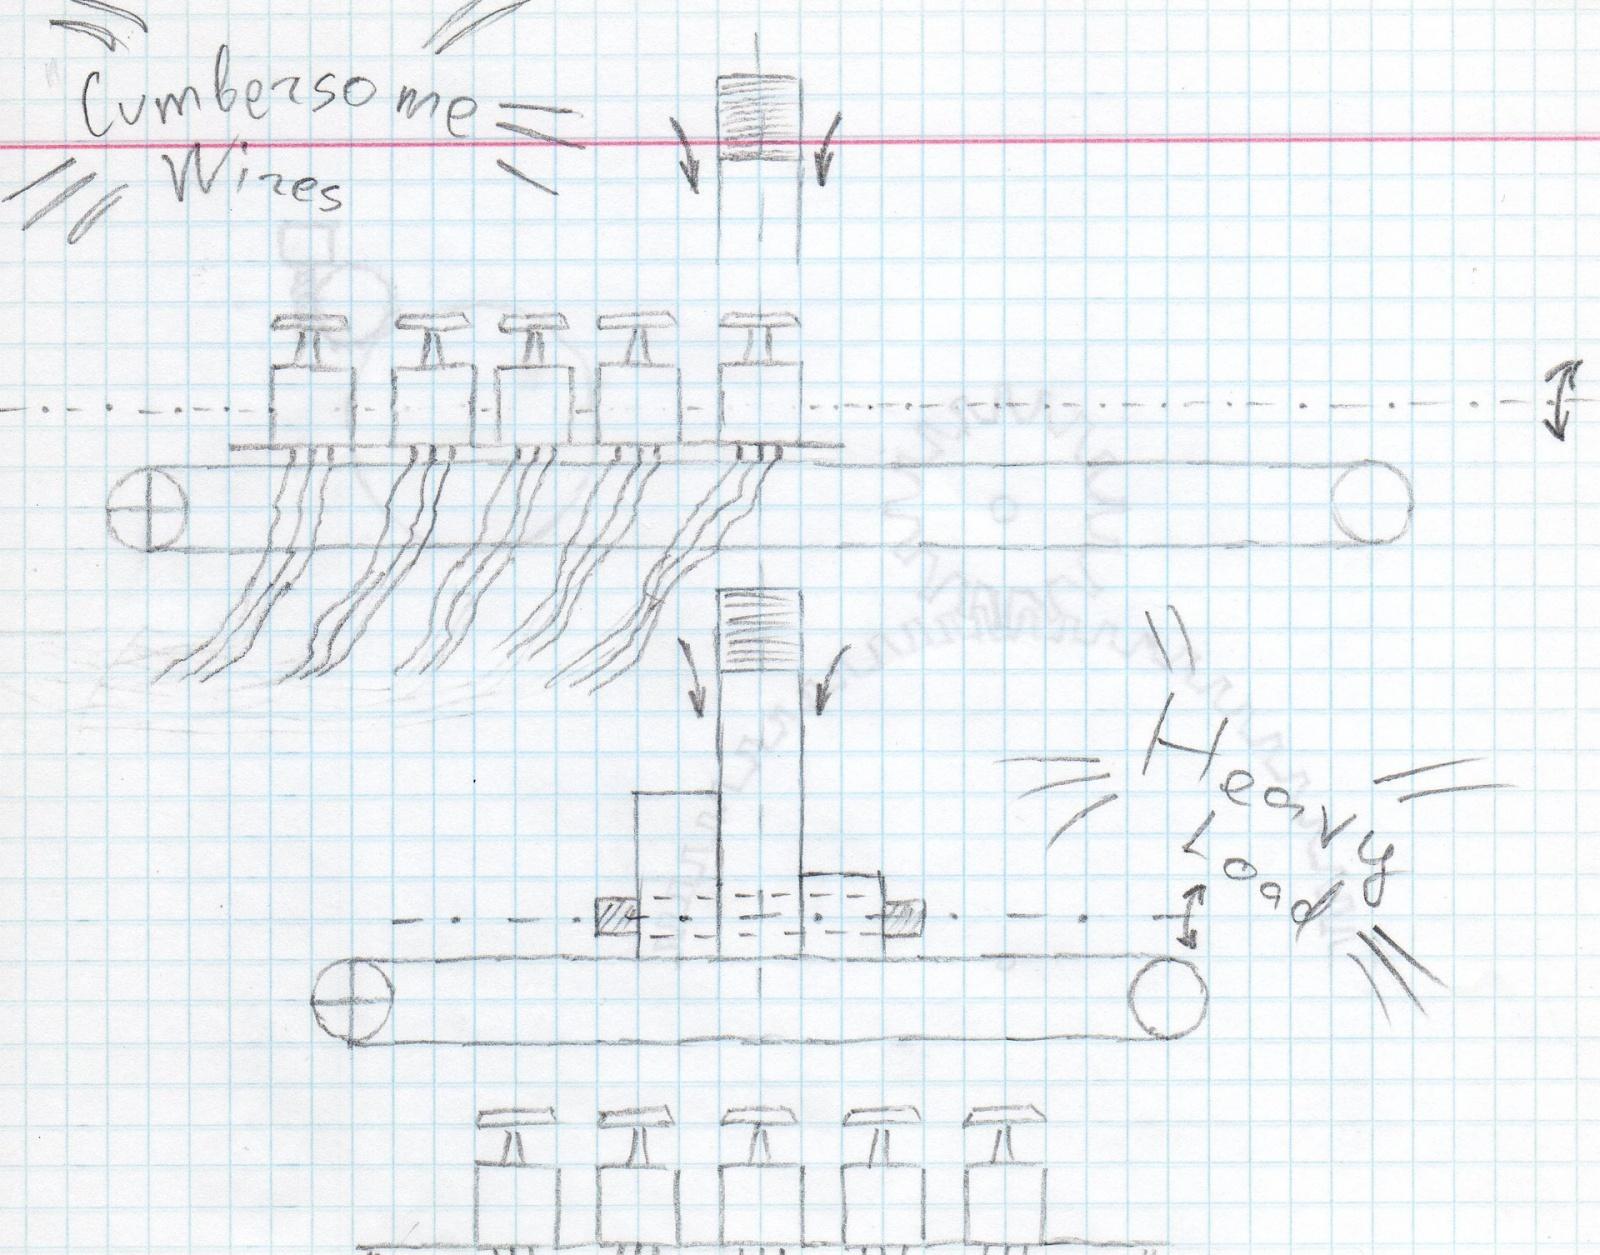 Машина Голдберга в реальной жизни. Сложный ли алгоритм действия для сложного механизма? - 7